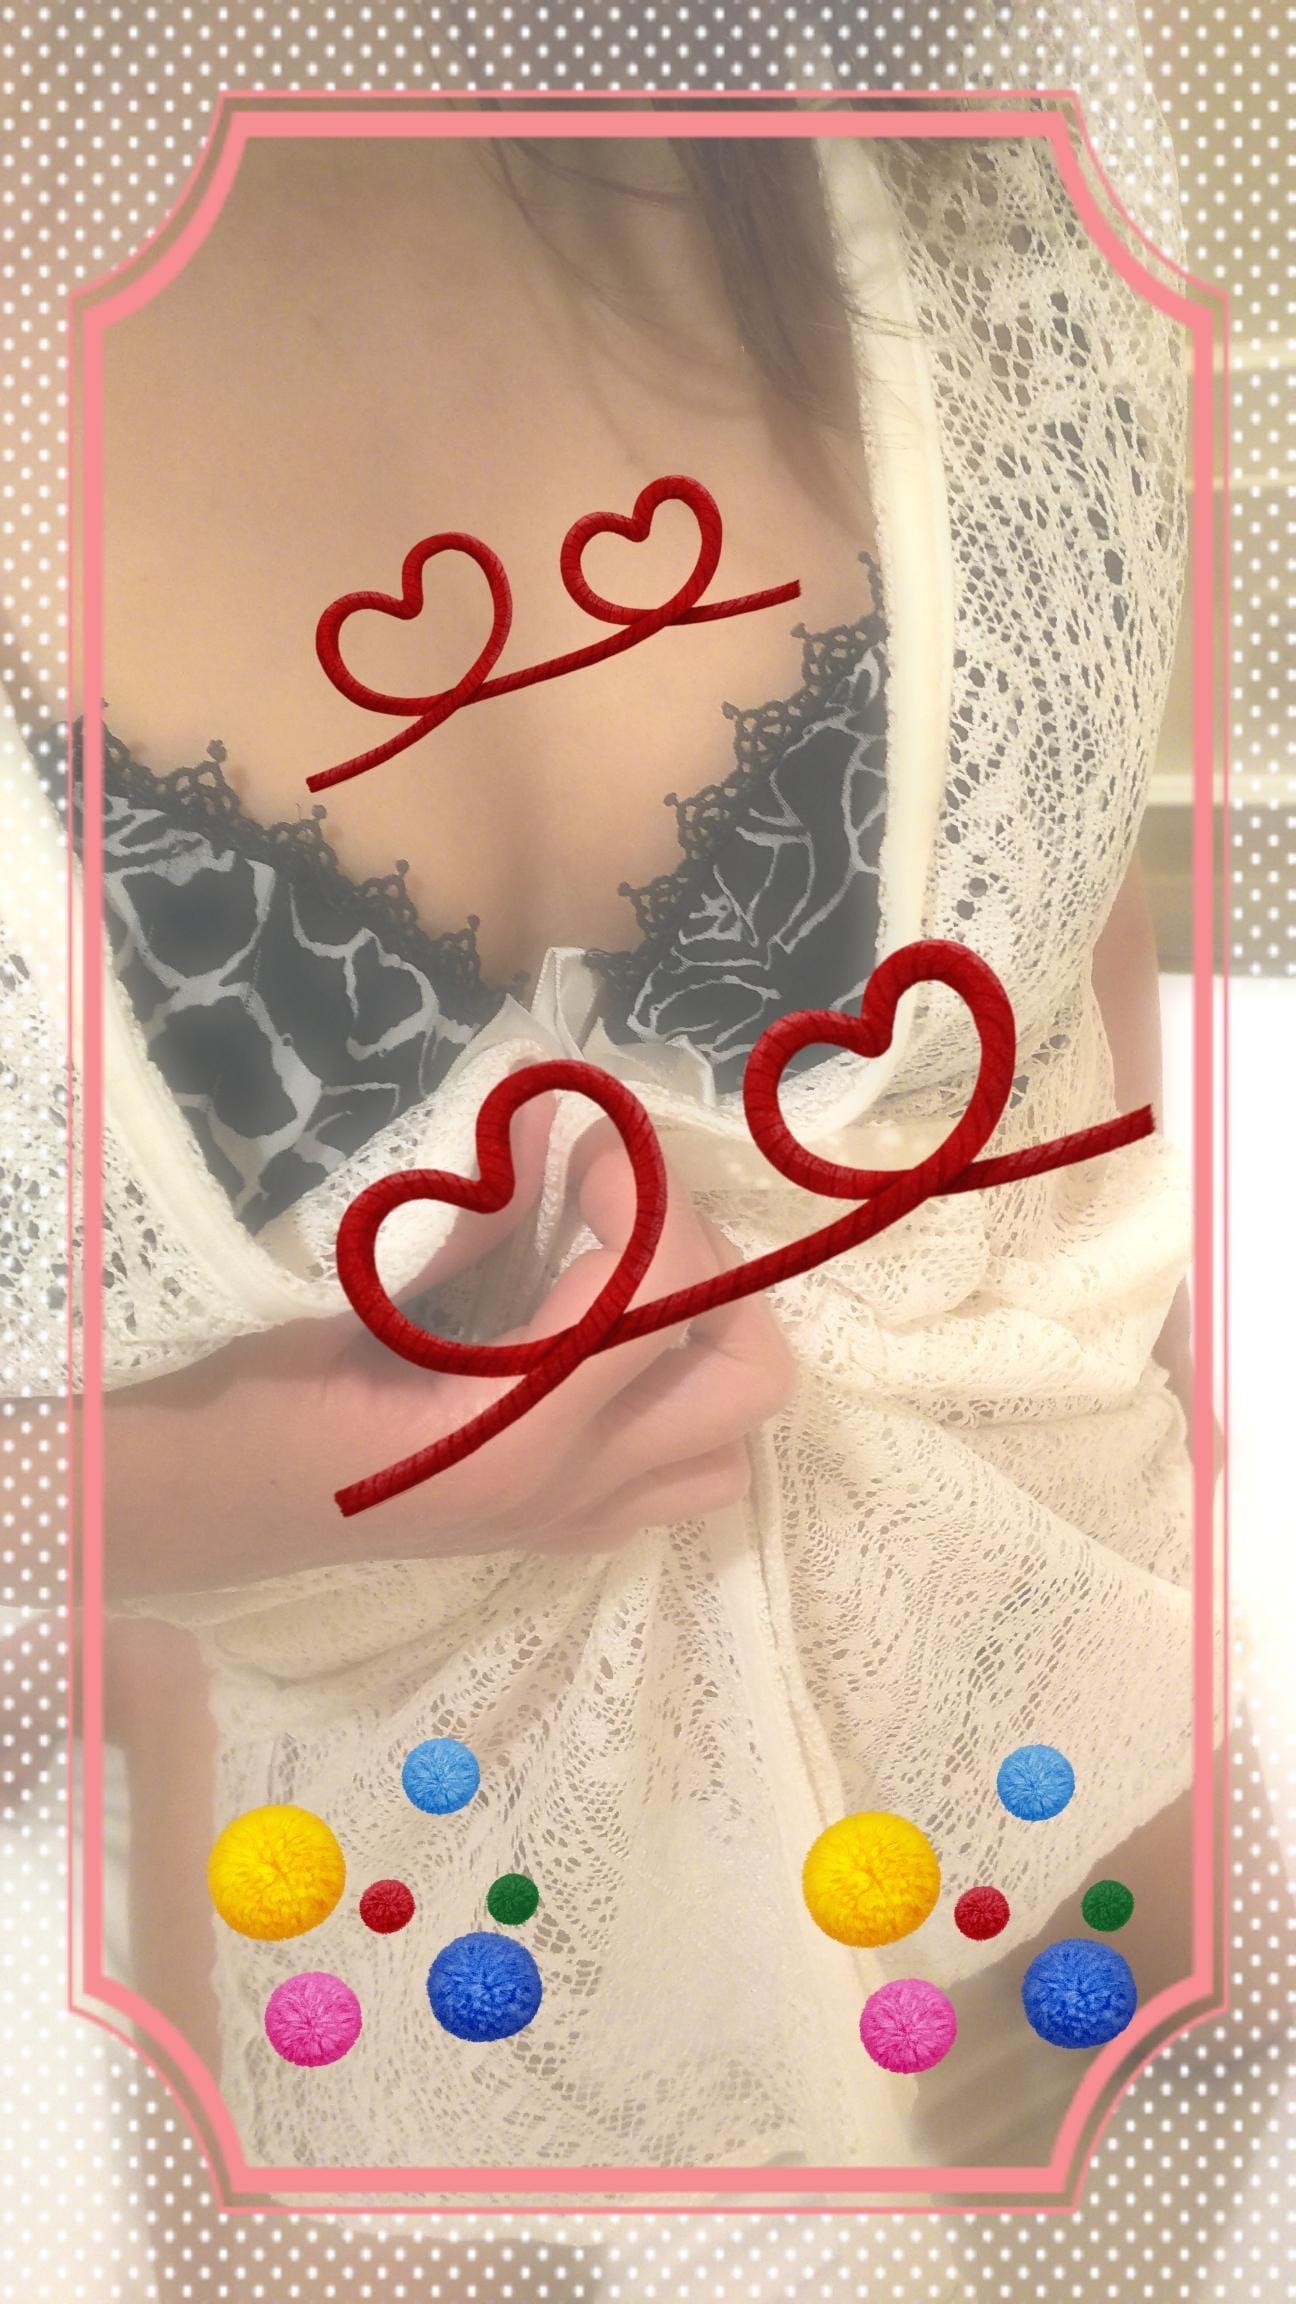 「びっくり?」09/15日(日) 11:18 | かおりの写メ・風俗動画